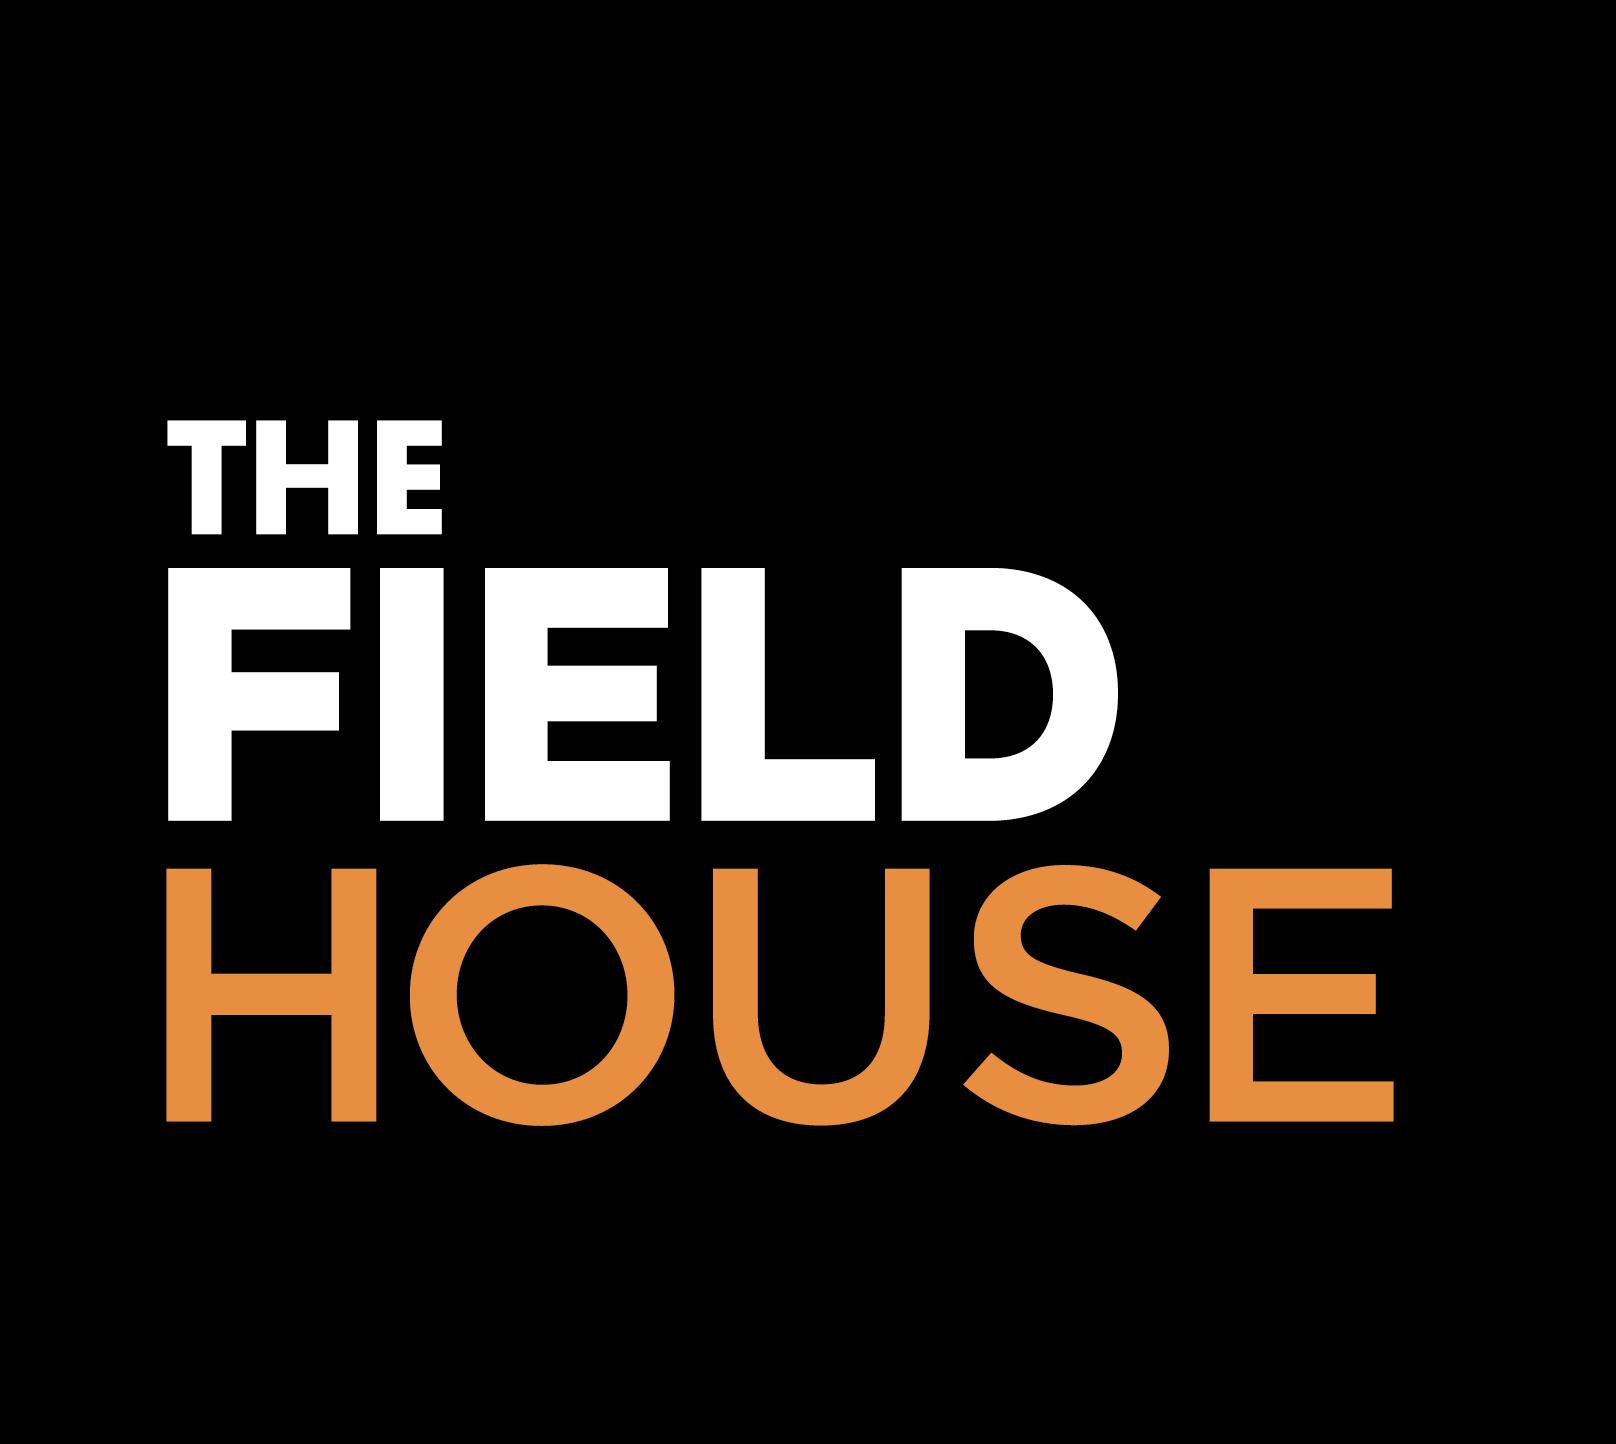 The FieldHouse Restaurant & Bar